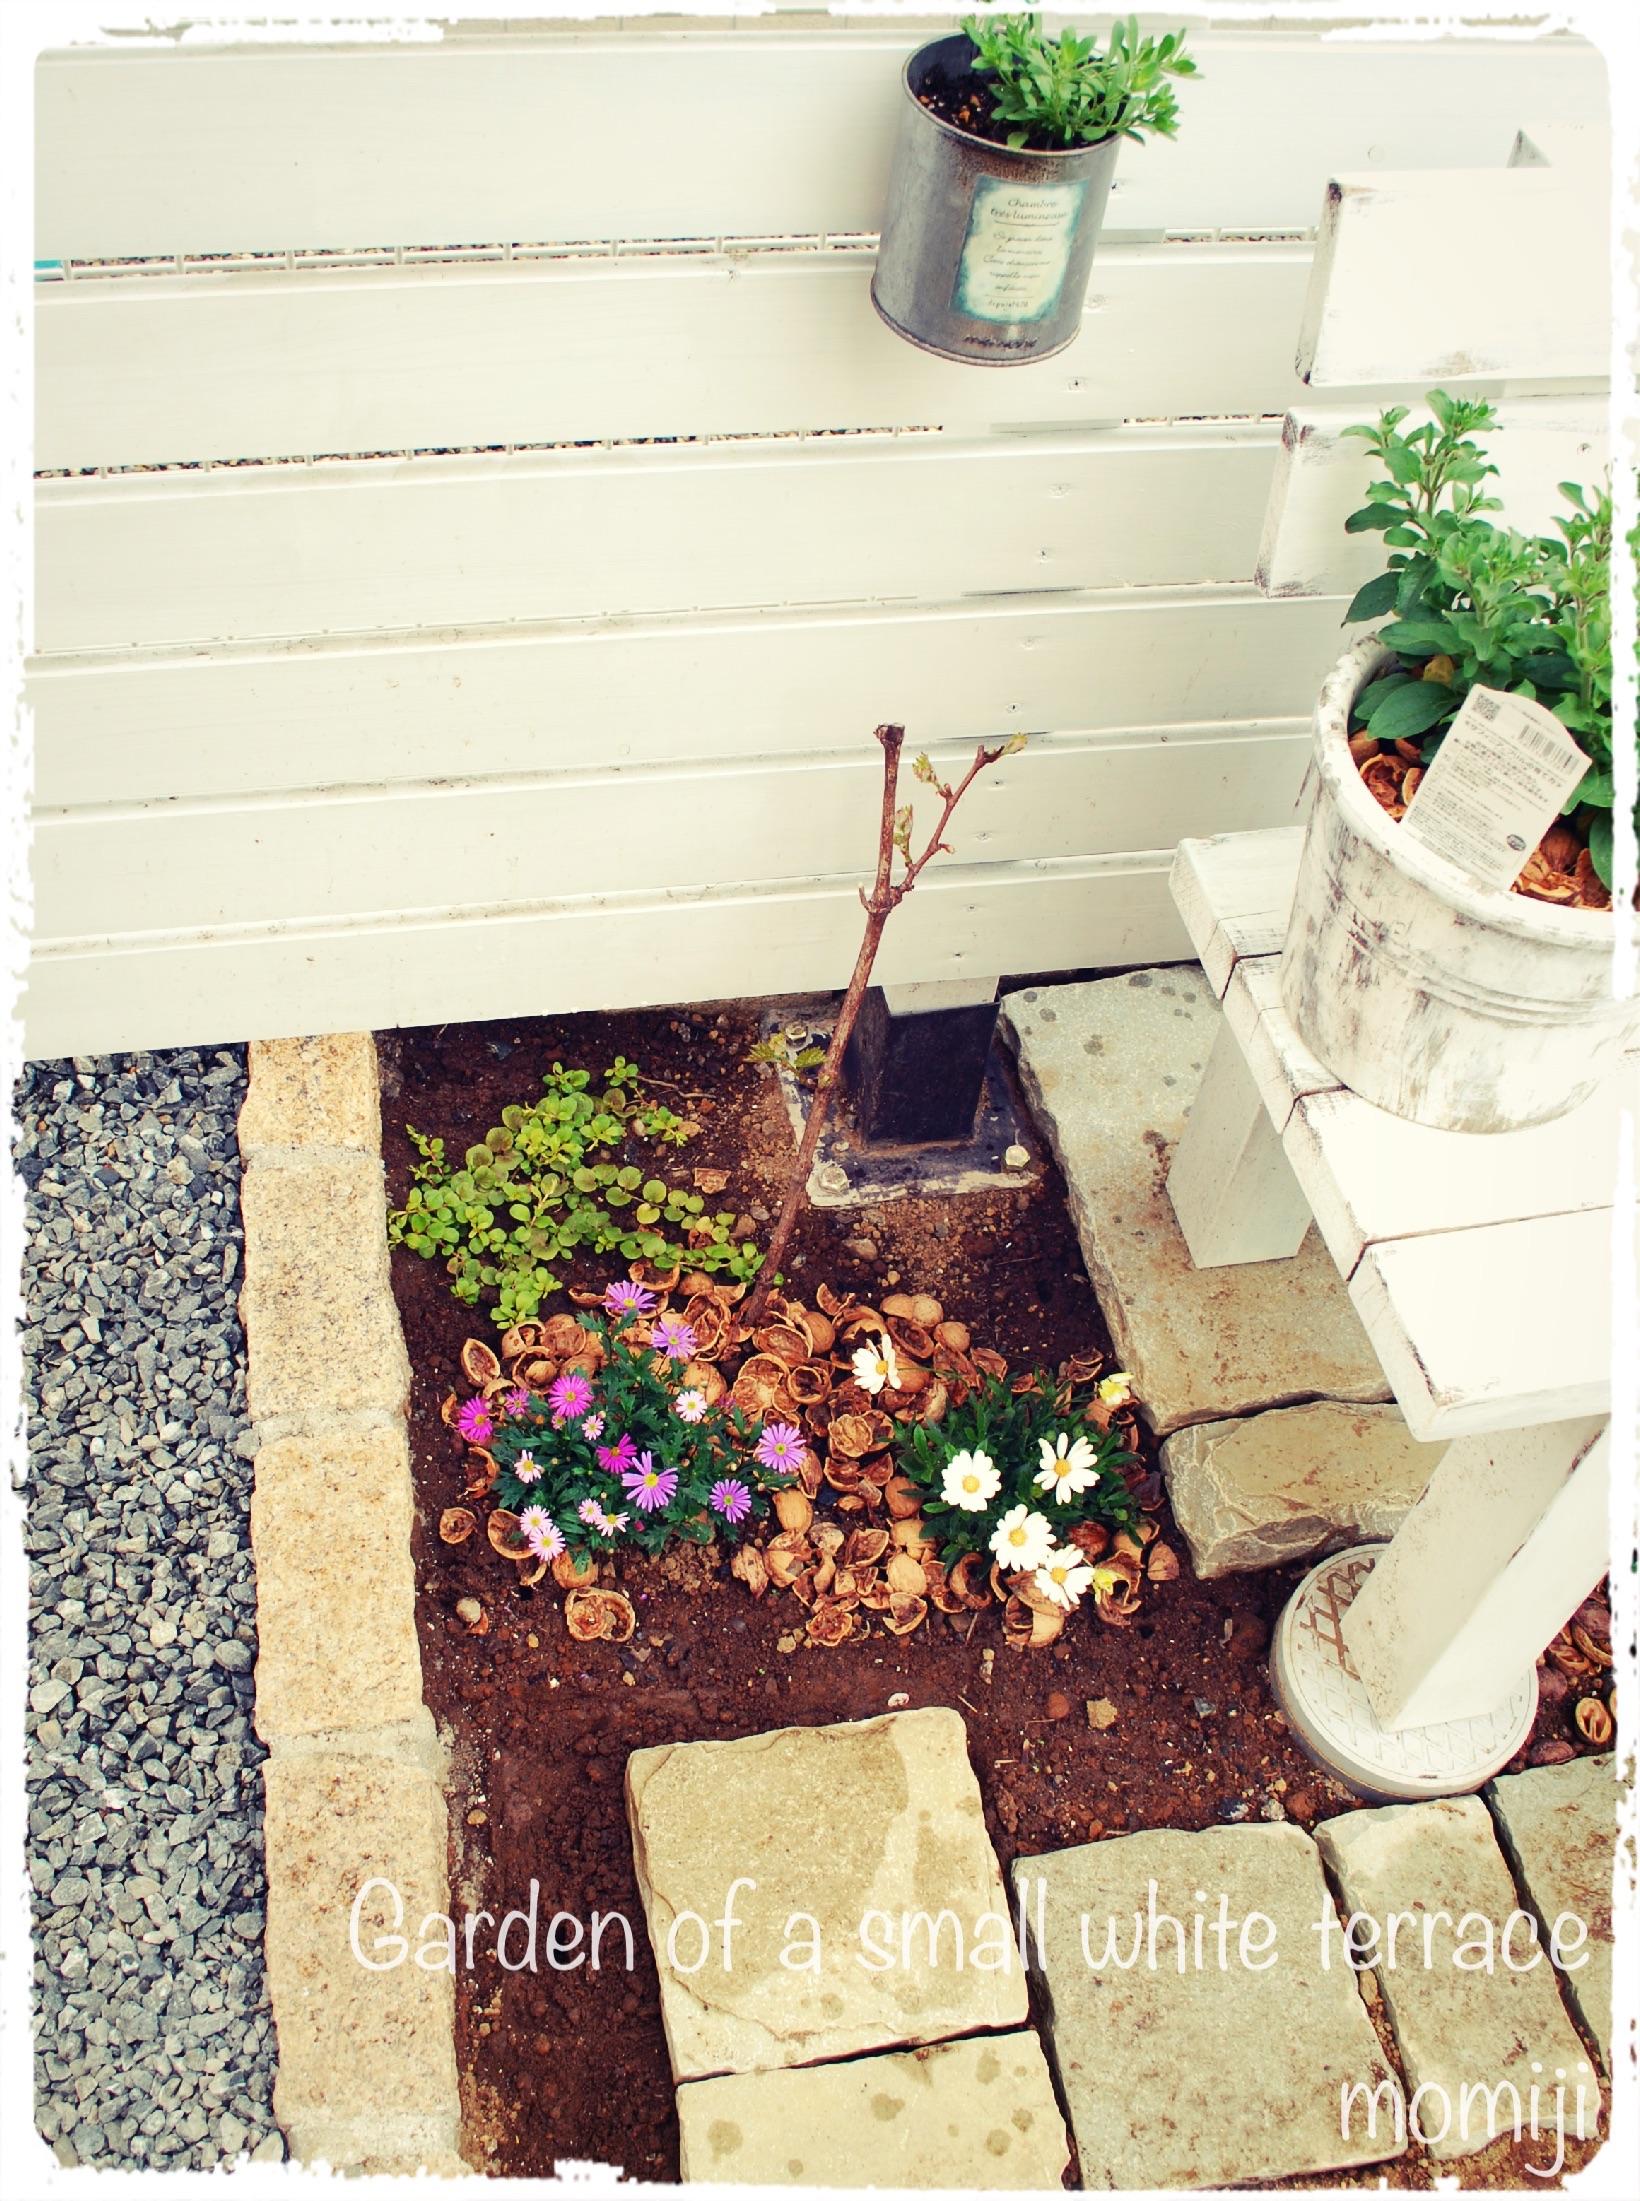 ダイソーの木製ガーデンフェンス